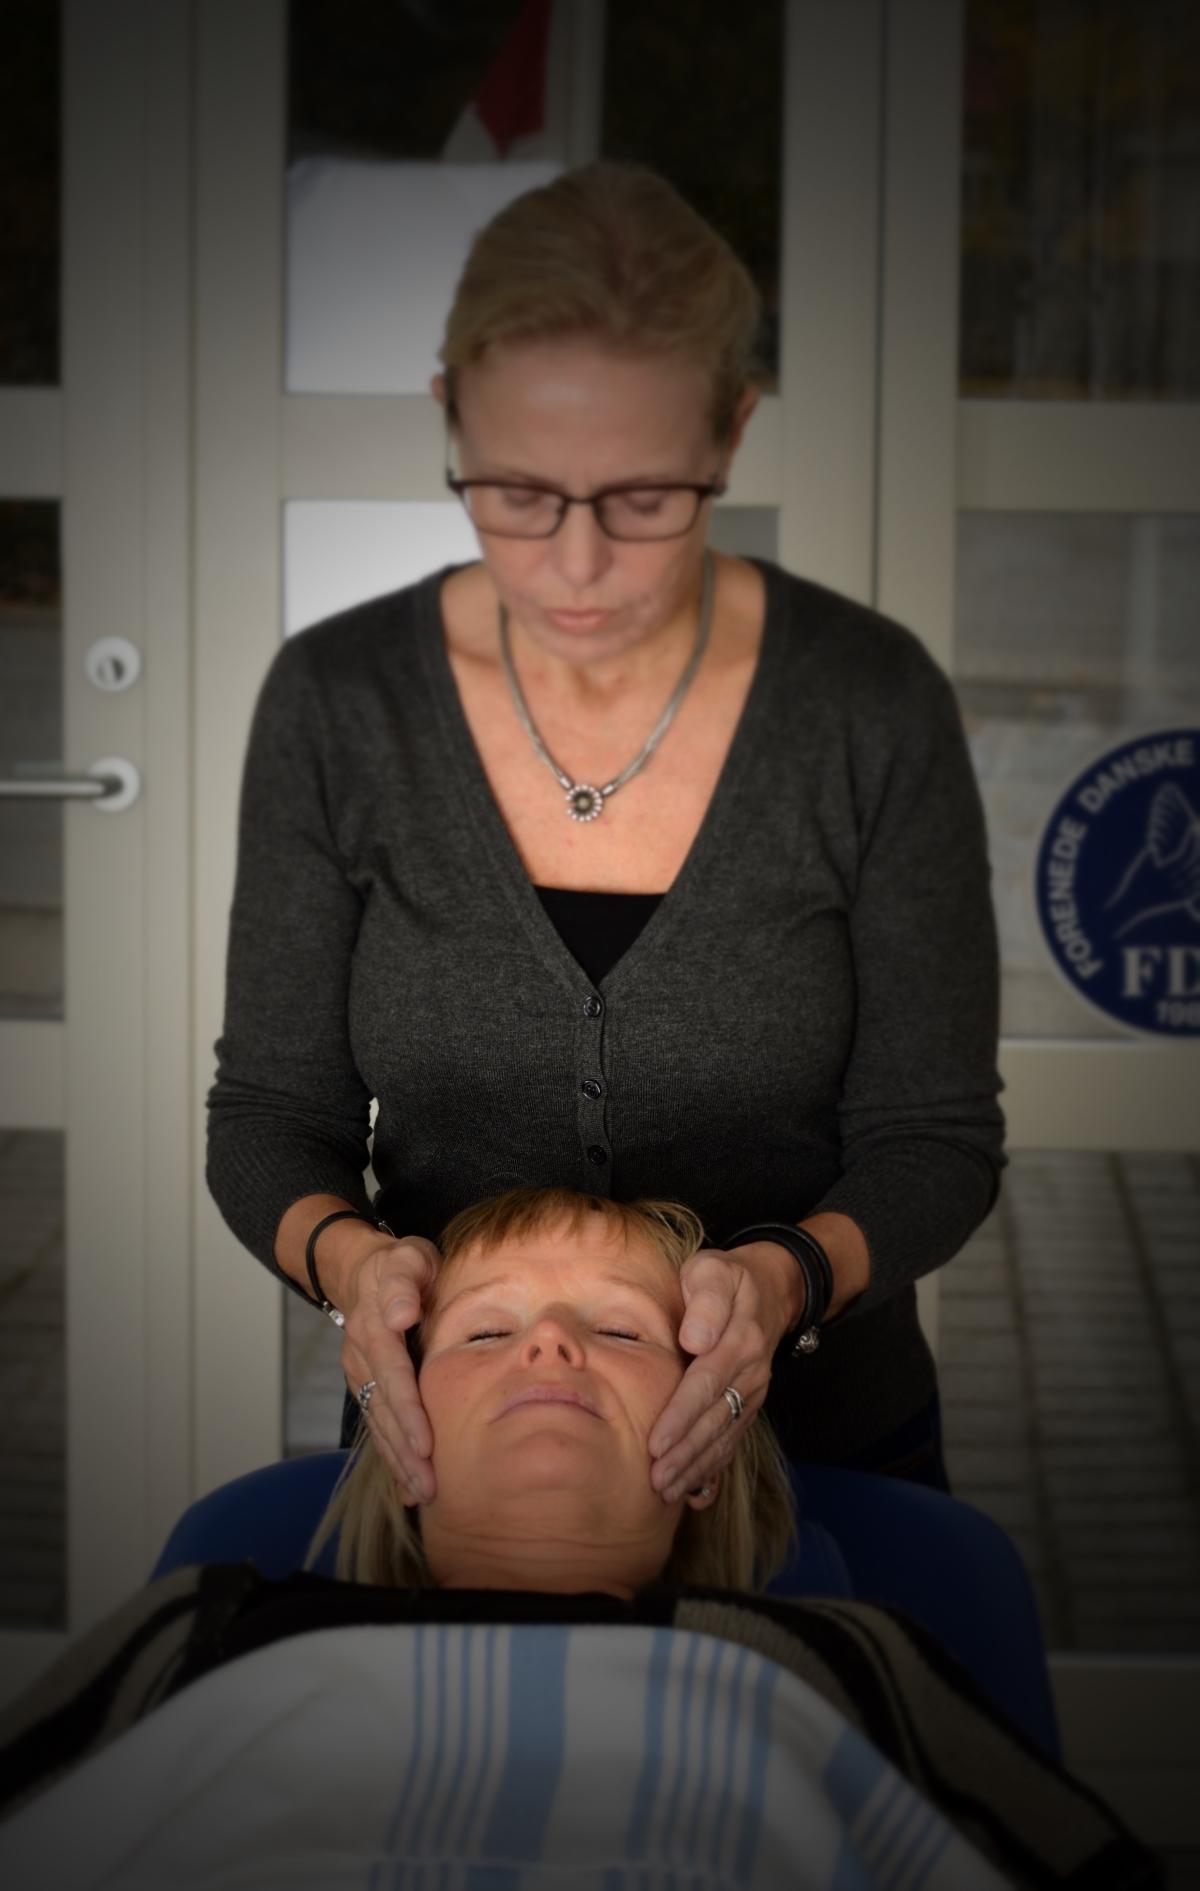 Marianne fra Dit Hjerterum giver healing